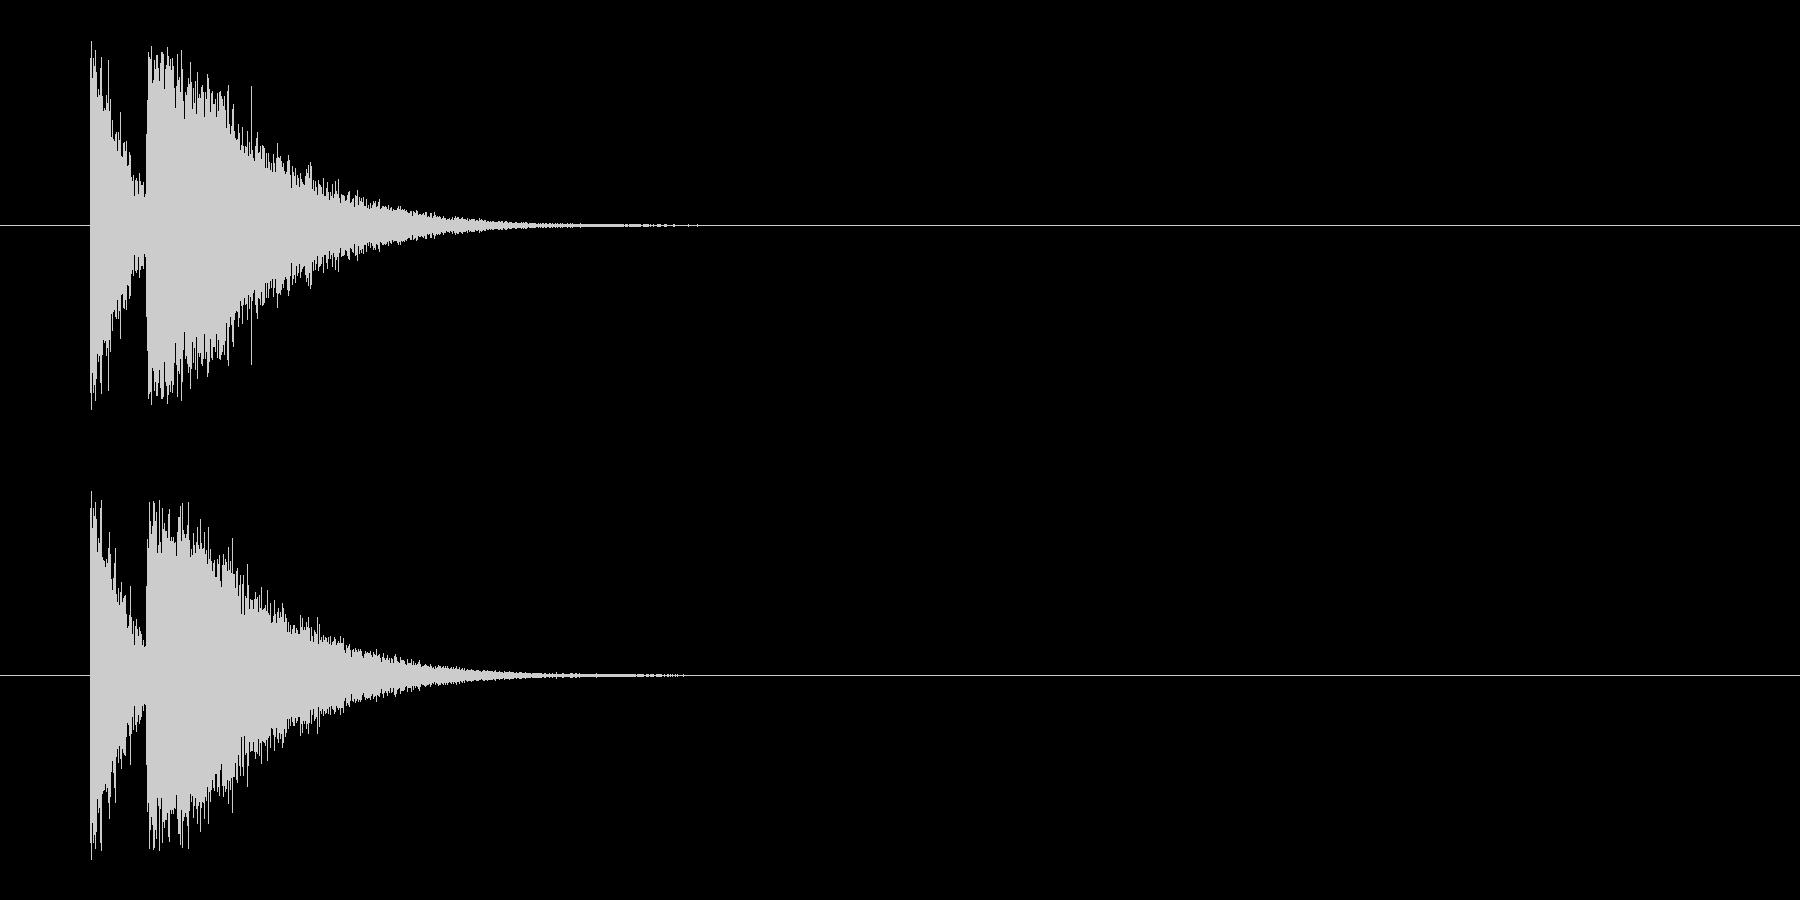 ビームライフル3★リバーブ有の未再生の波形